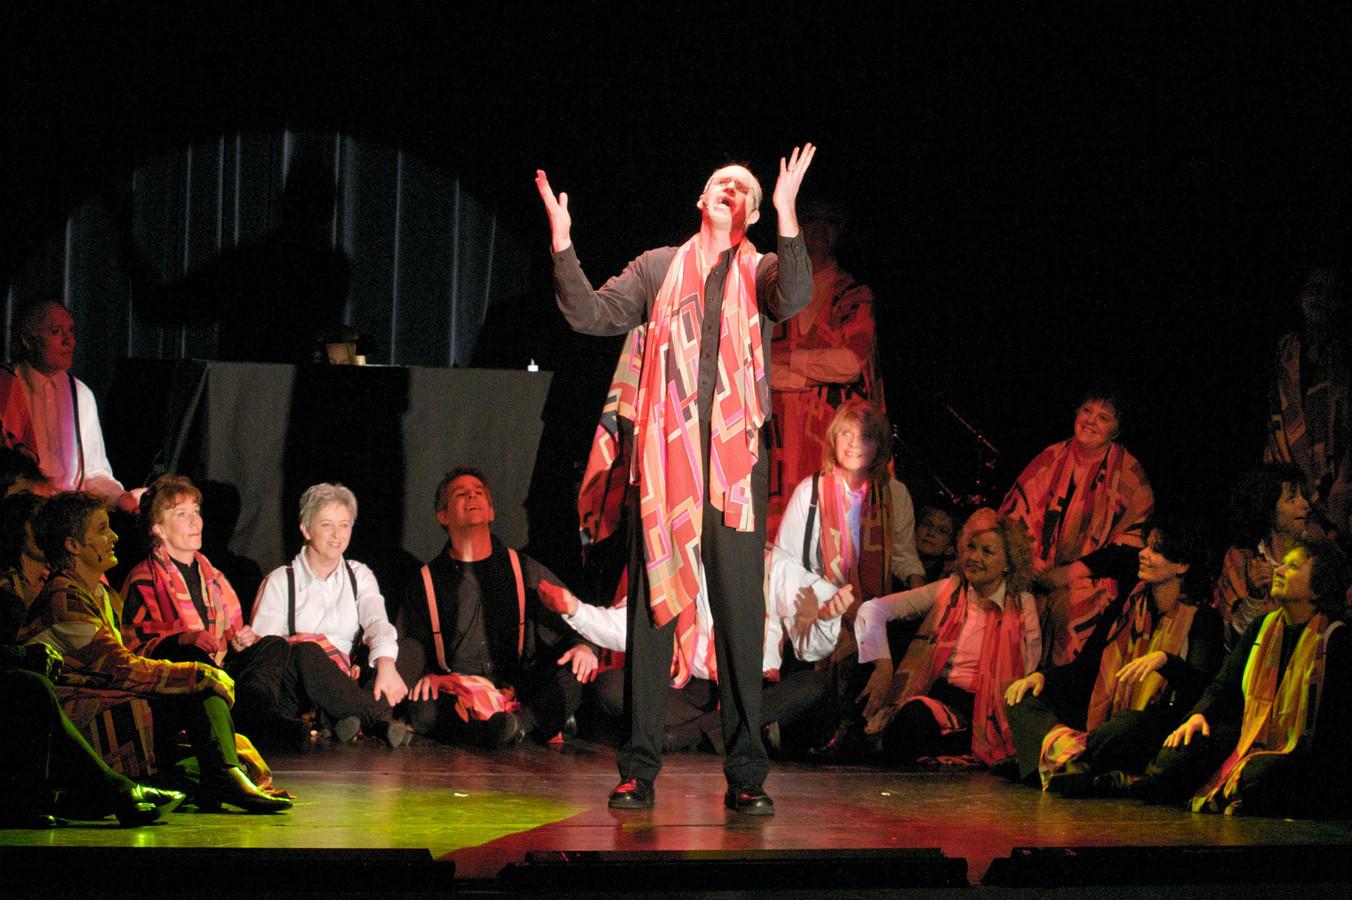 Een archieffoto uit 2009 van een voorstelling van Music for All van de voorstelling Fiddler on the Roof.